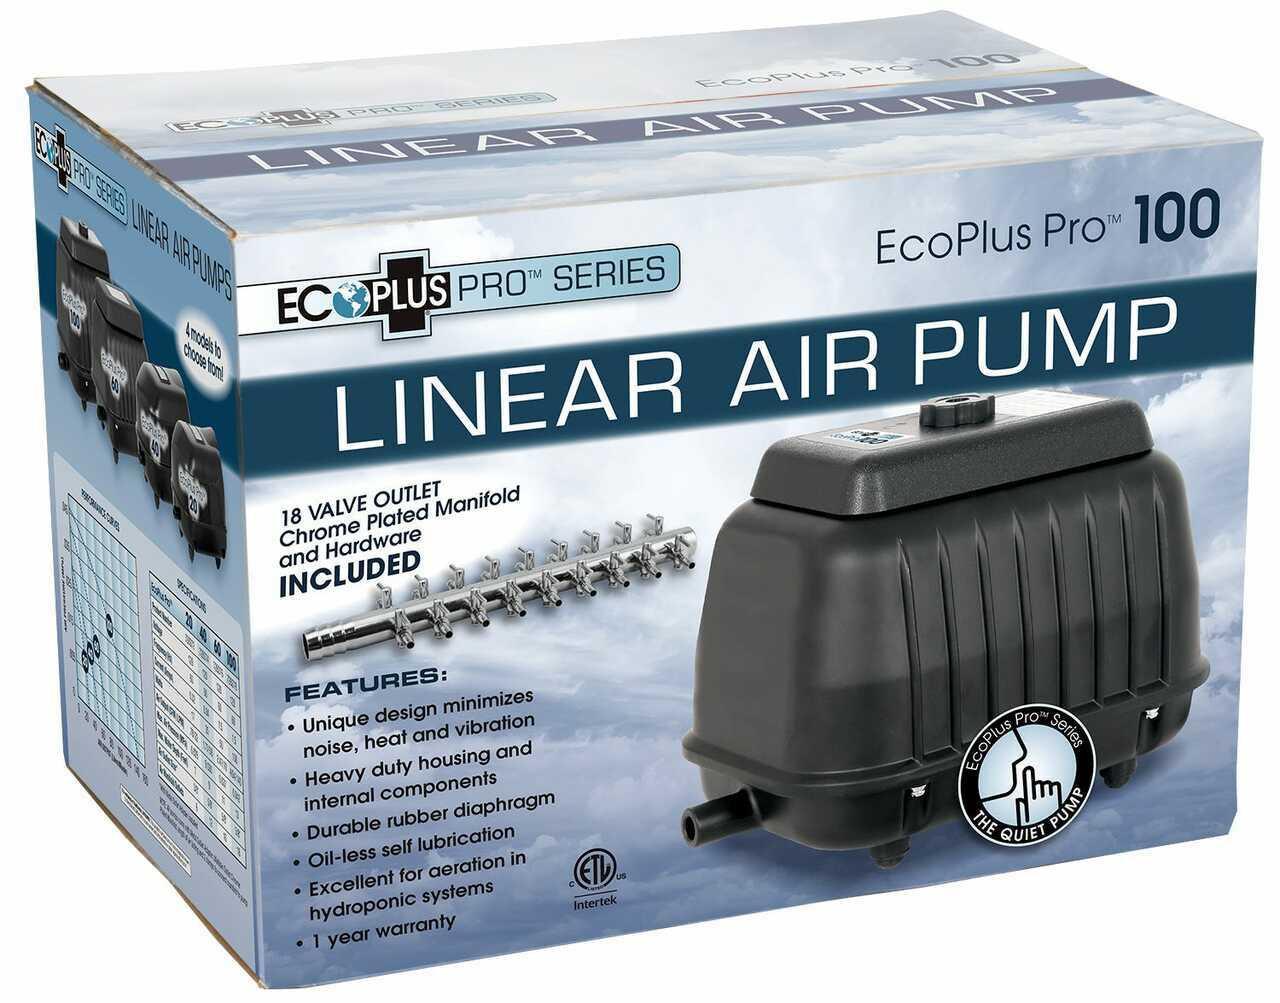 EcoPlus Pro 100 Linear Air Pump 2200 GPH - 1